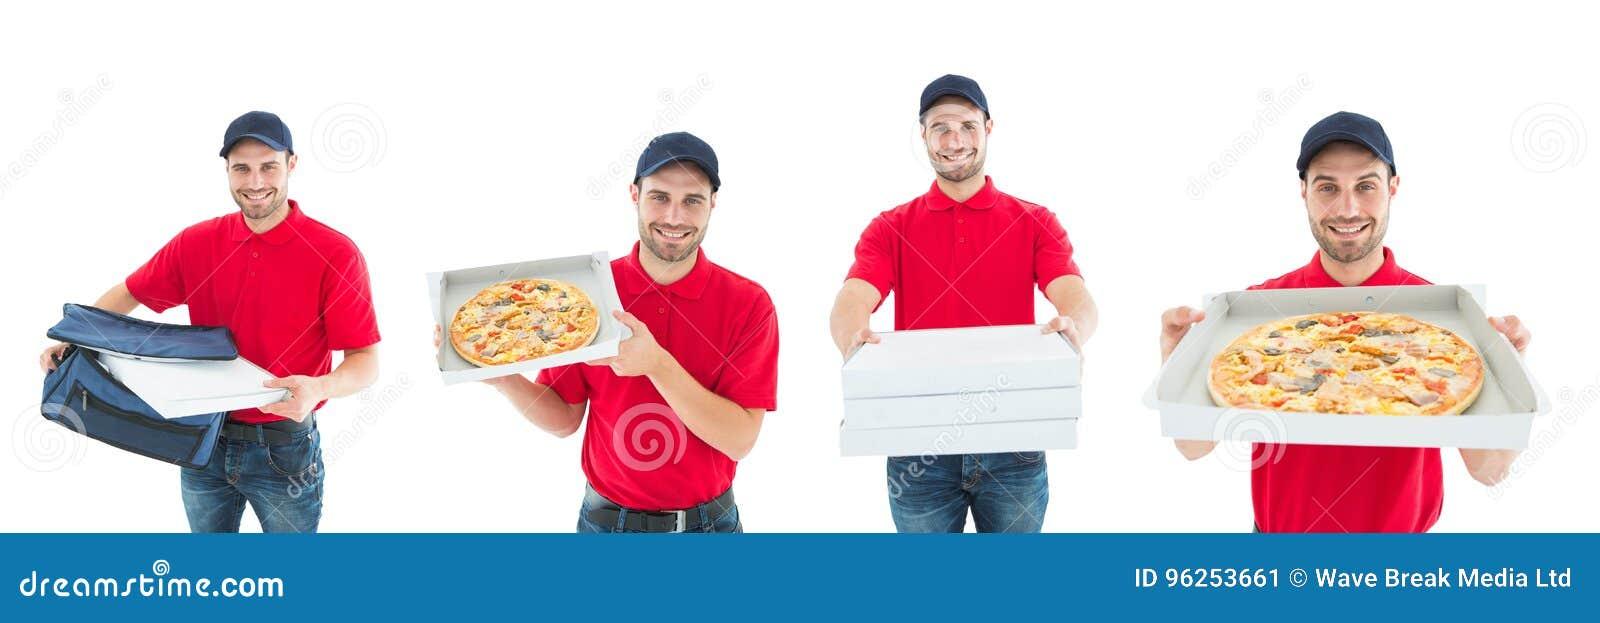 Collage för pizza för leveransman hållande